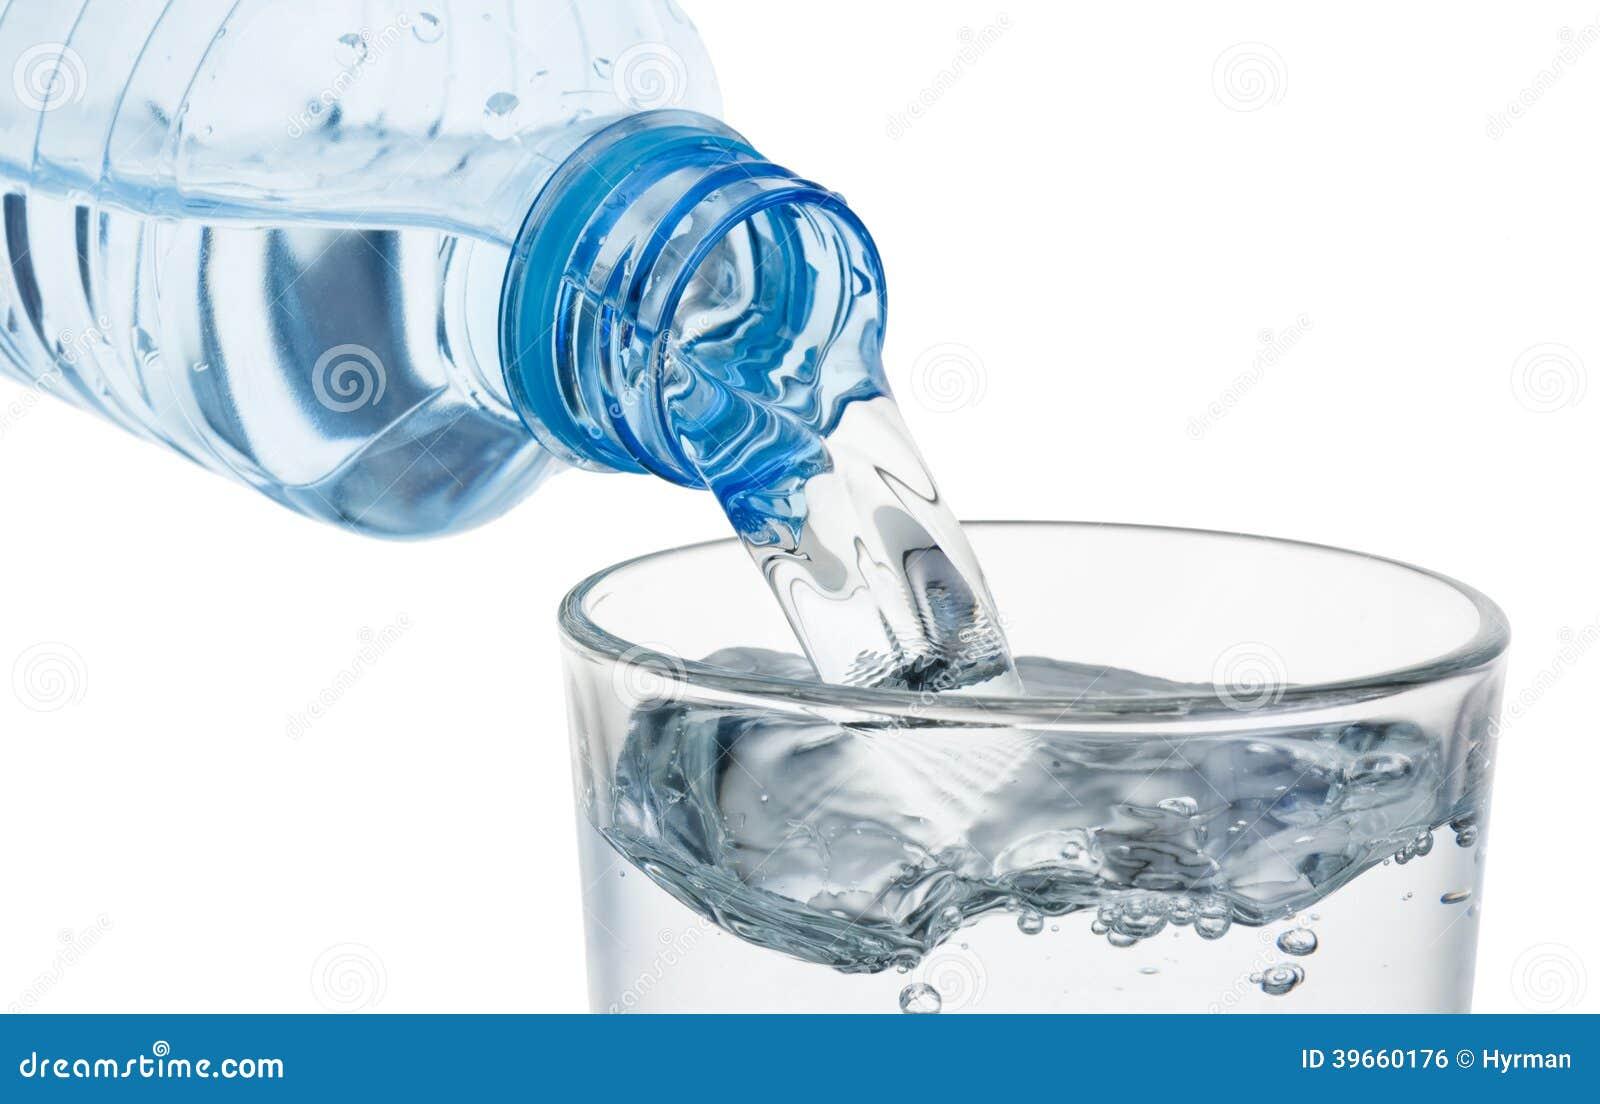 Verre de versement de l 39 eau d 39 une bouteille en plastique d 39 isolement photo stock image 39660176 - Bouteille d eau en verre ikea ...